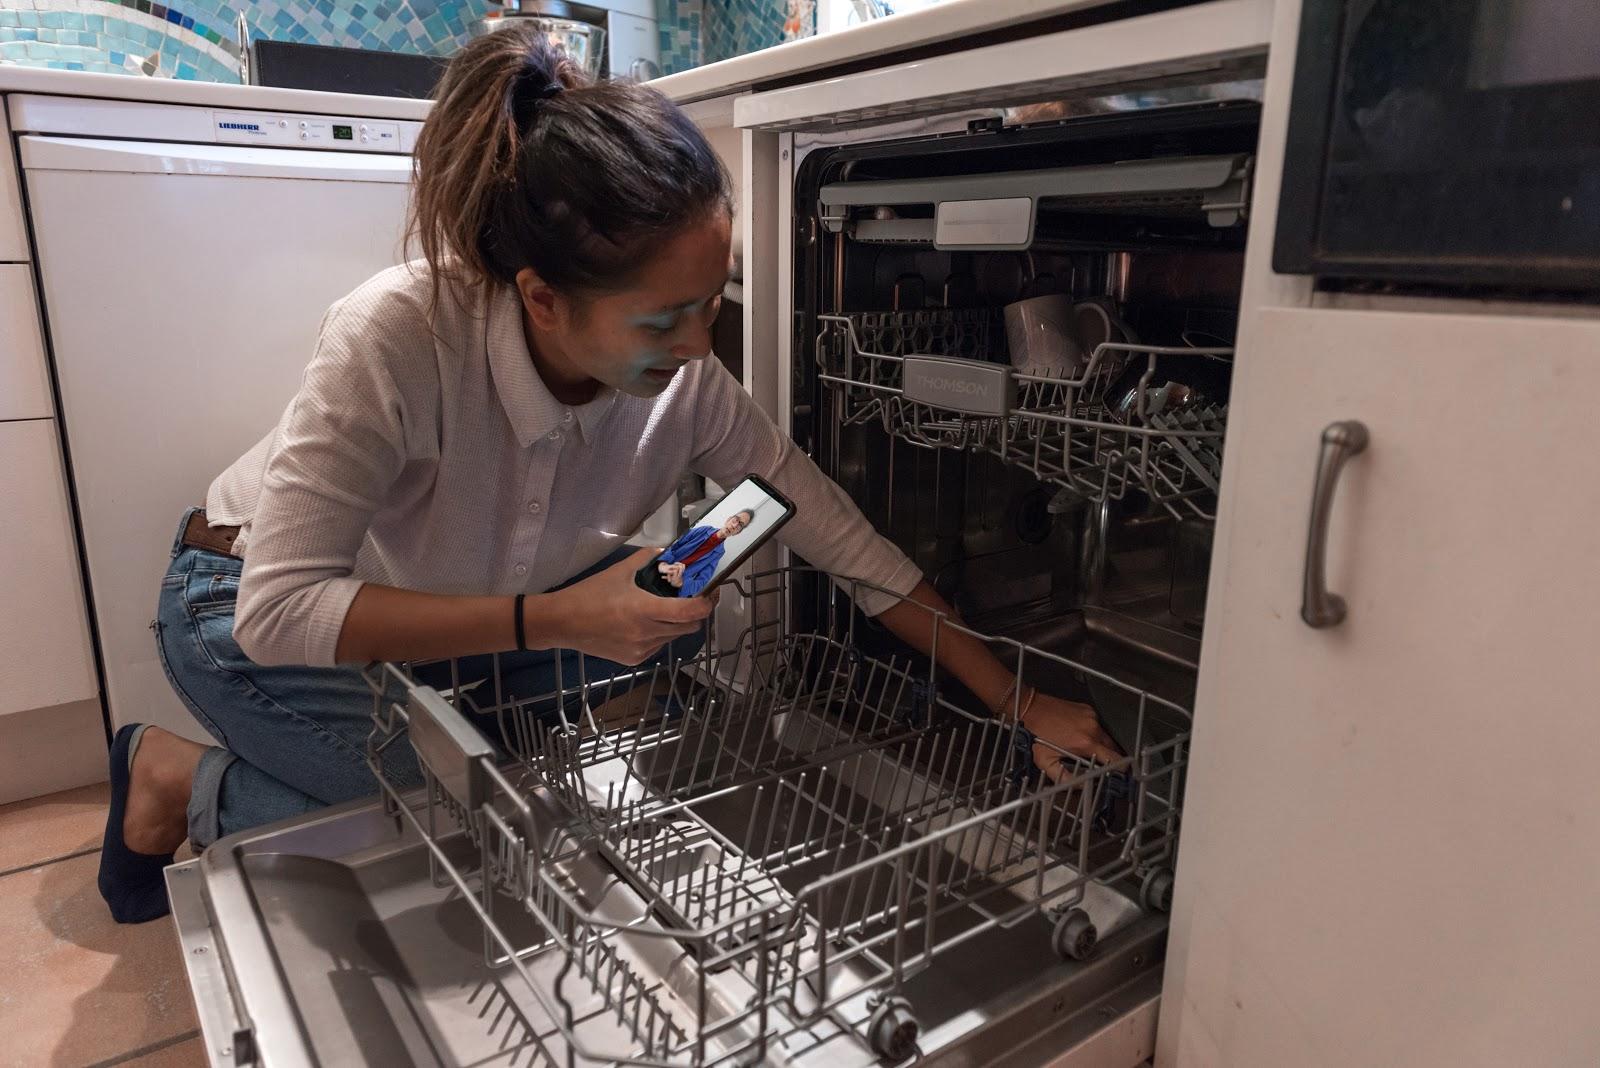 réparation visio lave-vaisselle